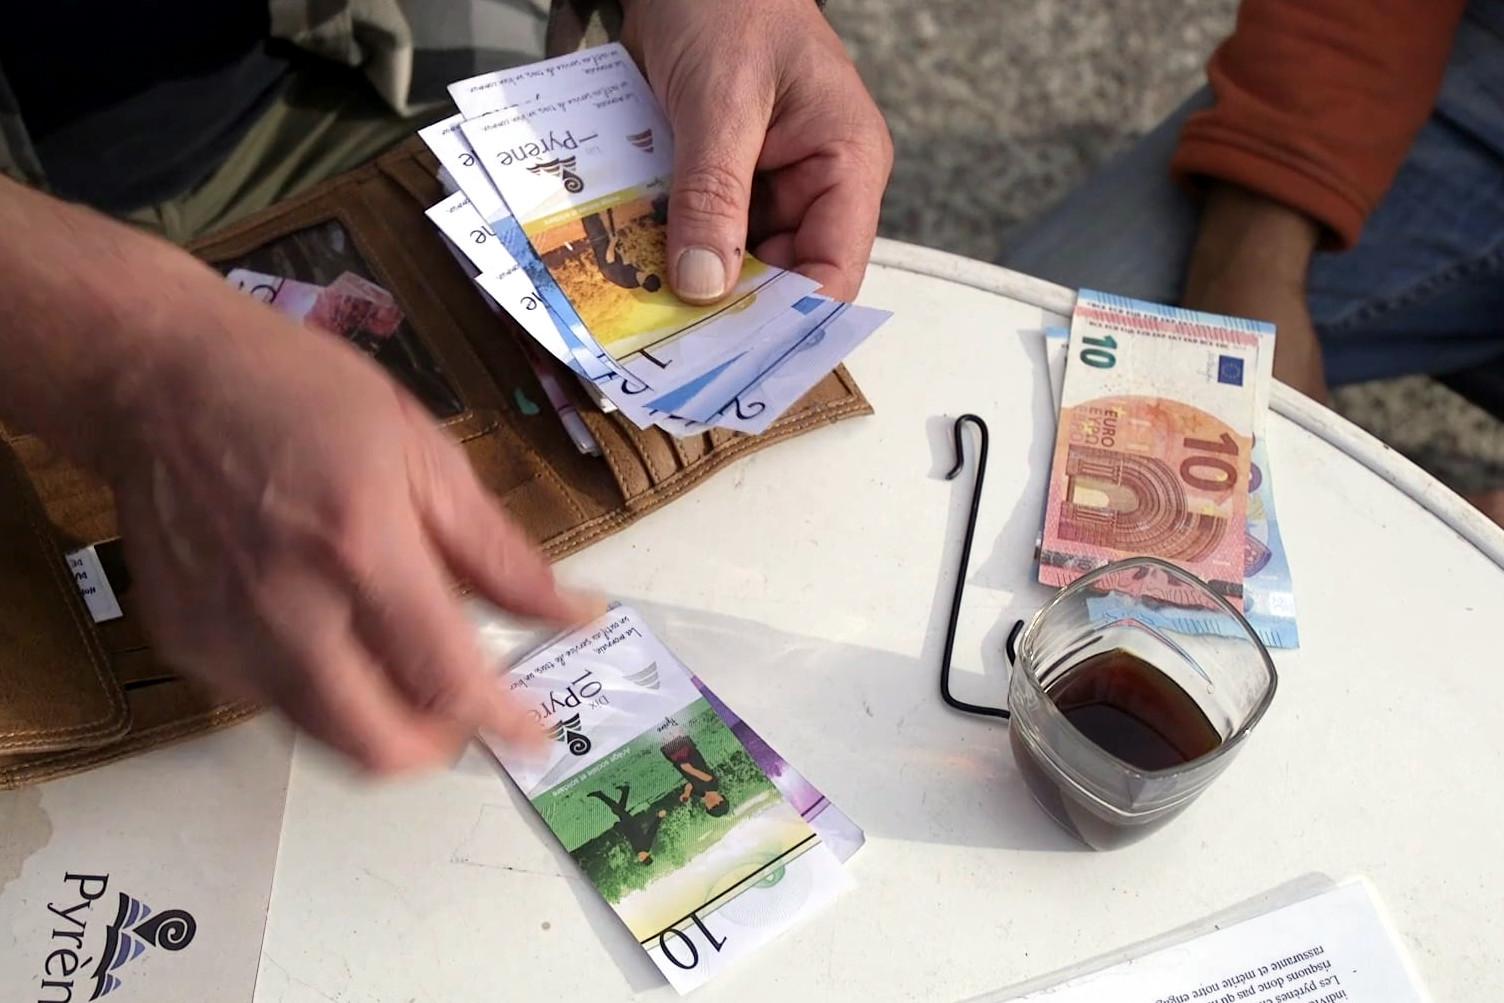 La Micherie et les Pyrènes : comment payer votre commande en monnaie locale ?